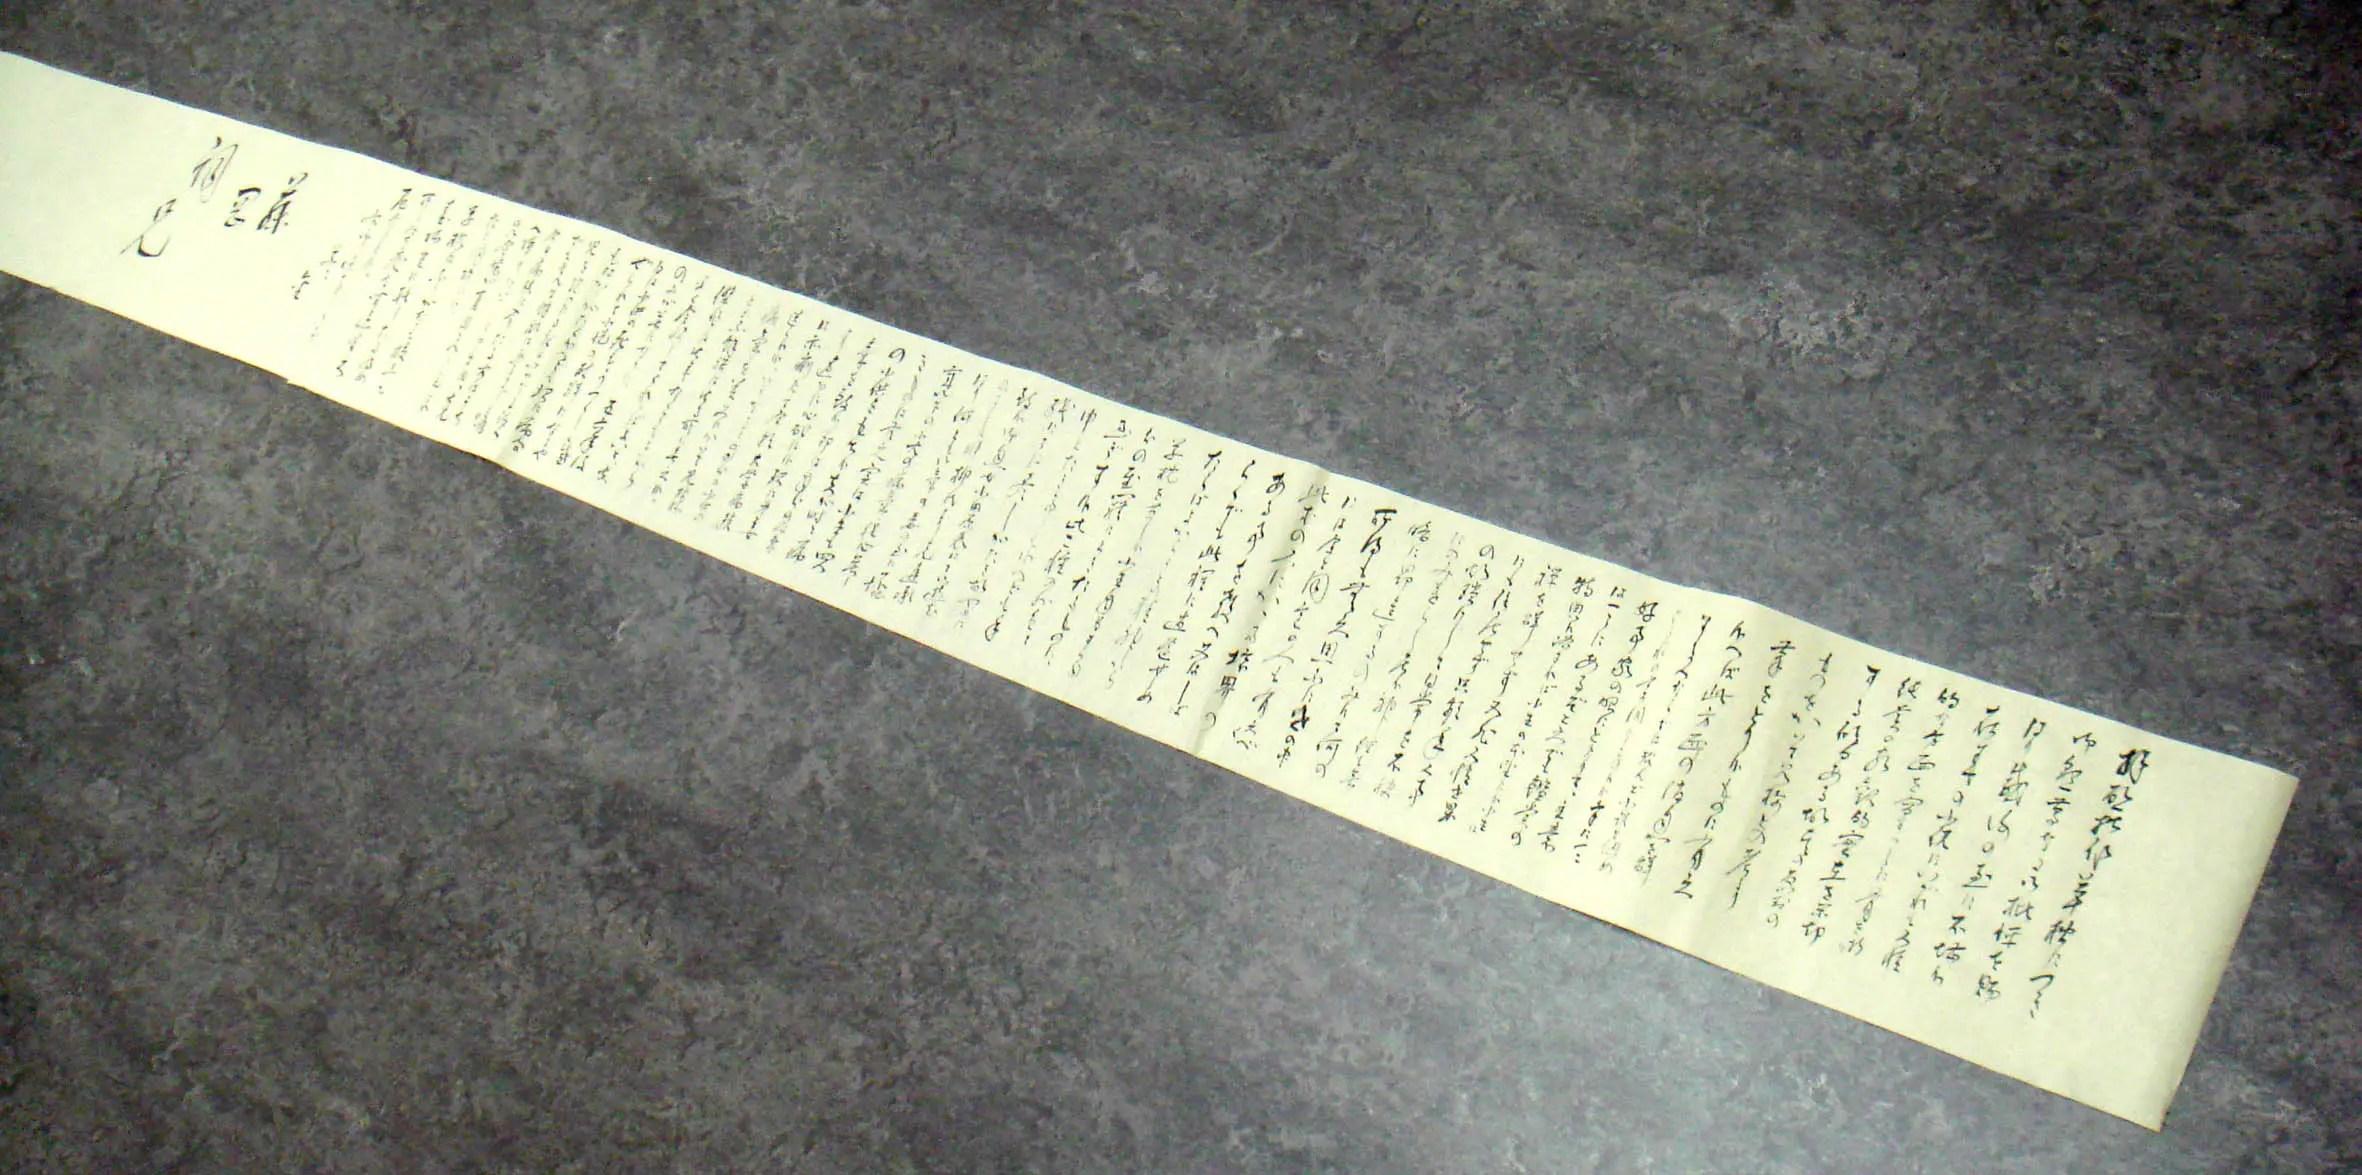 半切半分に書いた夏目漱石の書簡【書作品】鎌倉市長谷の書道教室